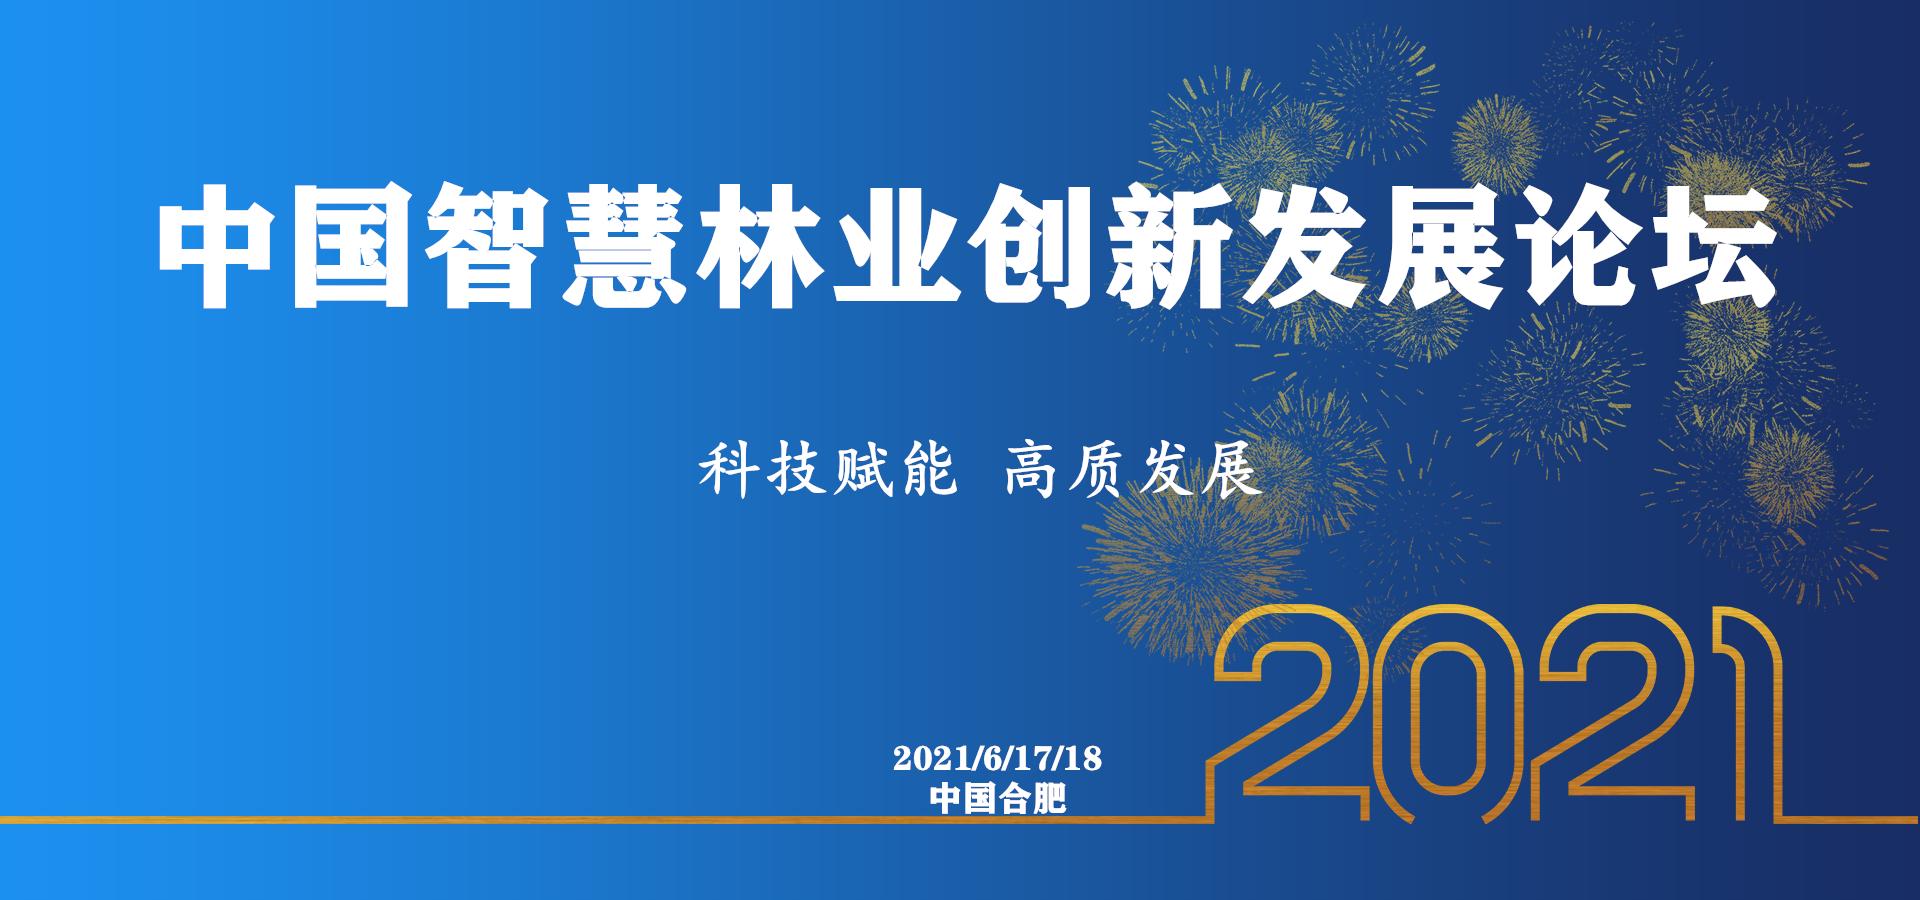 2021第三届中国智慧林业创新发展论坛